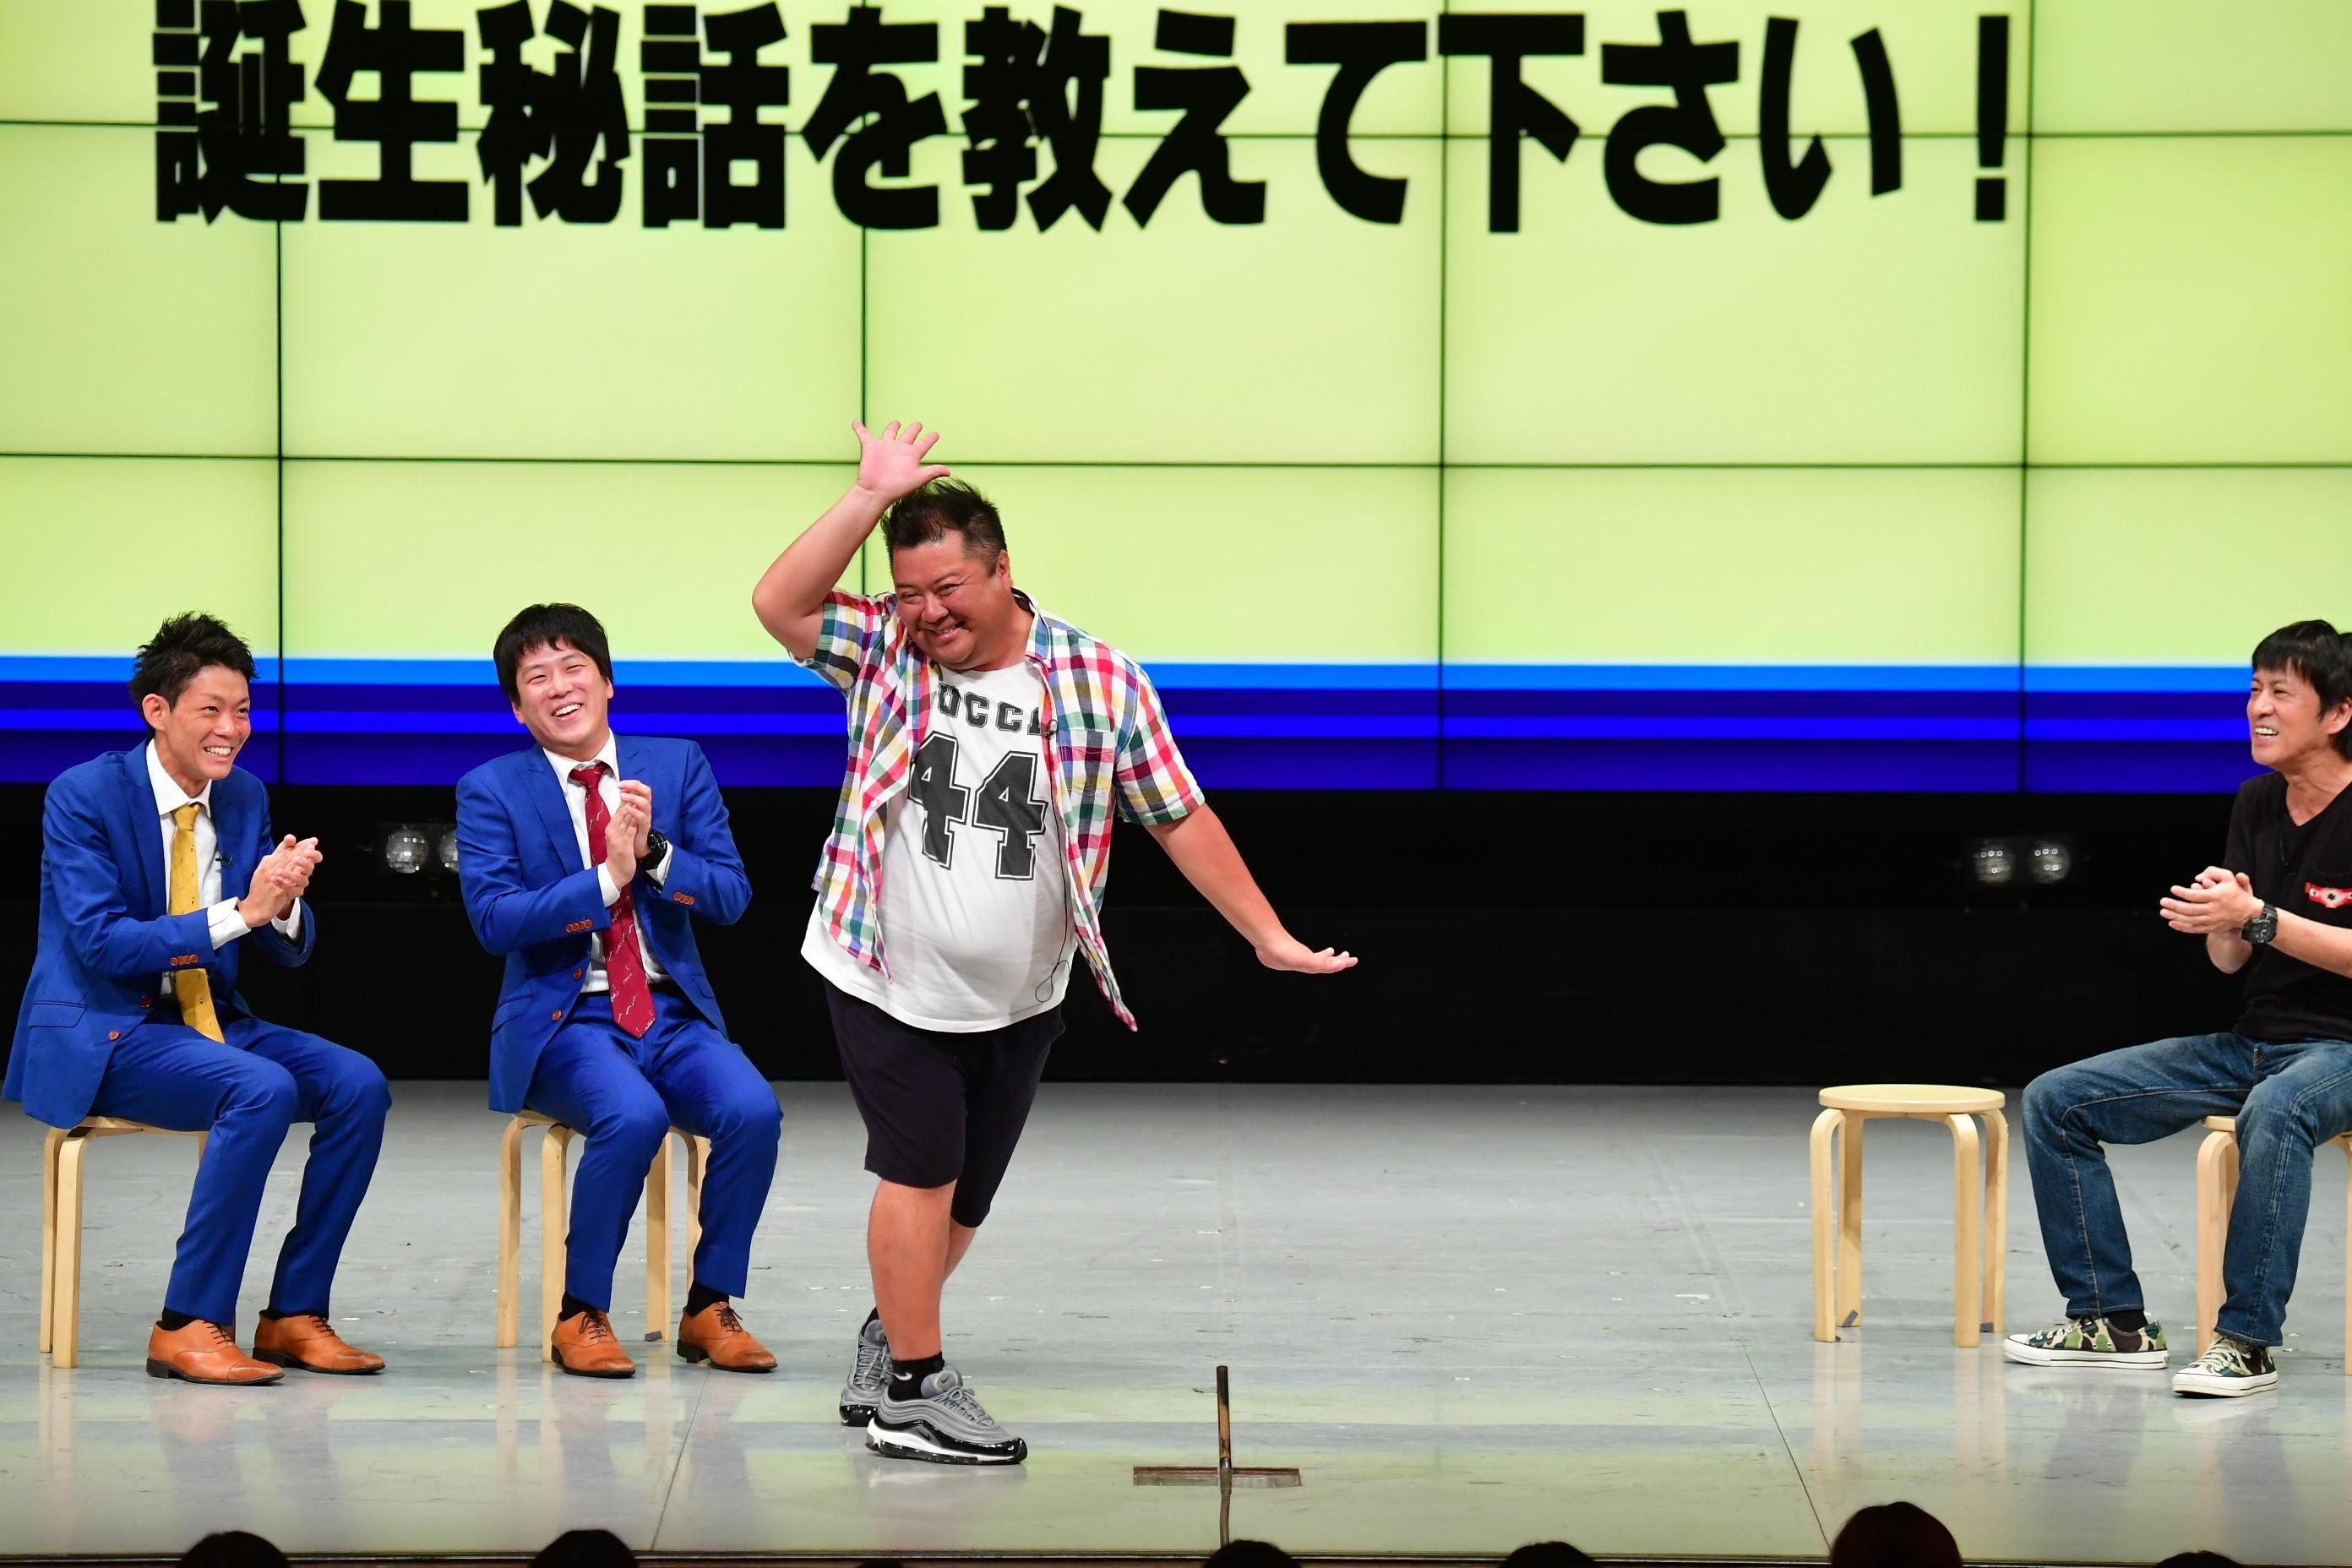 http://news.yoshimoto.co.jp/20180829234726-cea6894f27849967f2b3d042fa9ef065a0023e3d.jpg